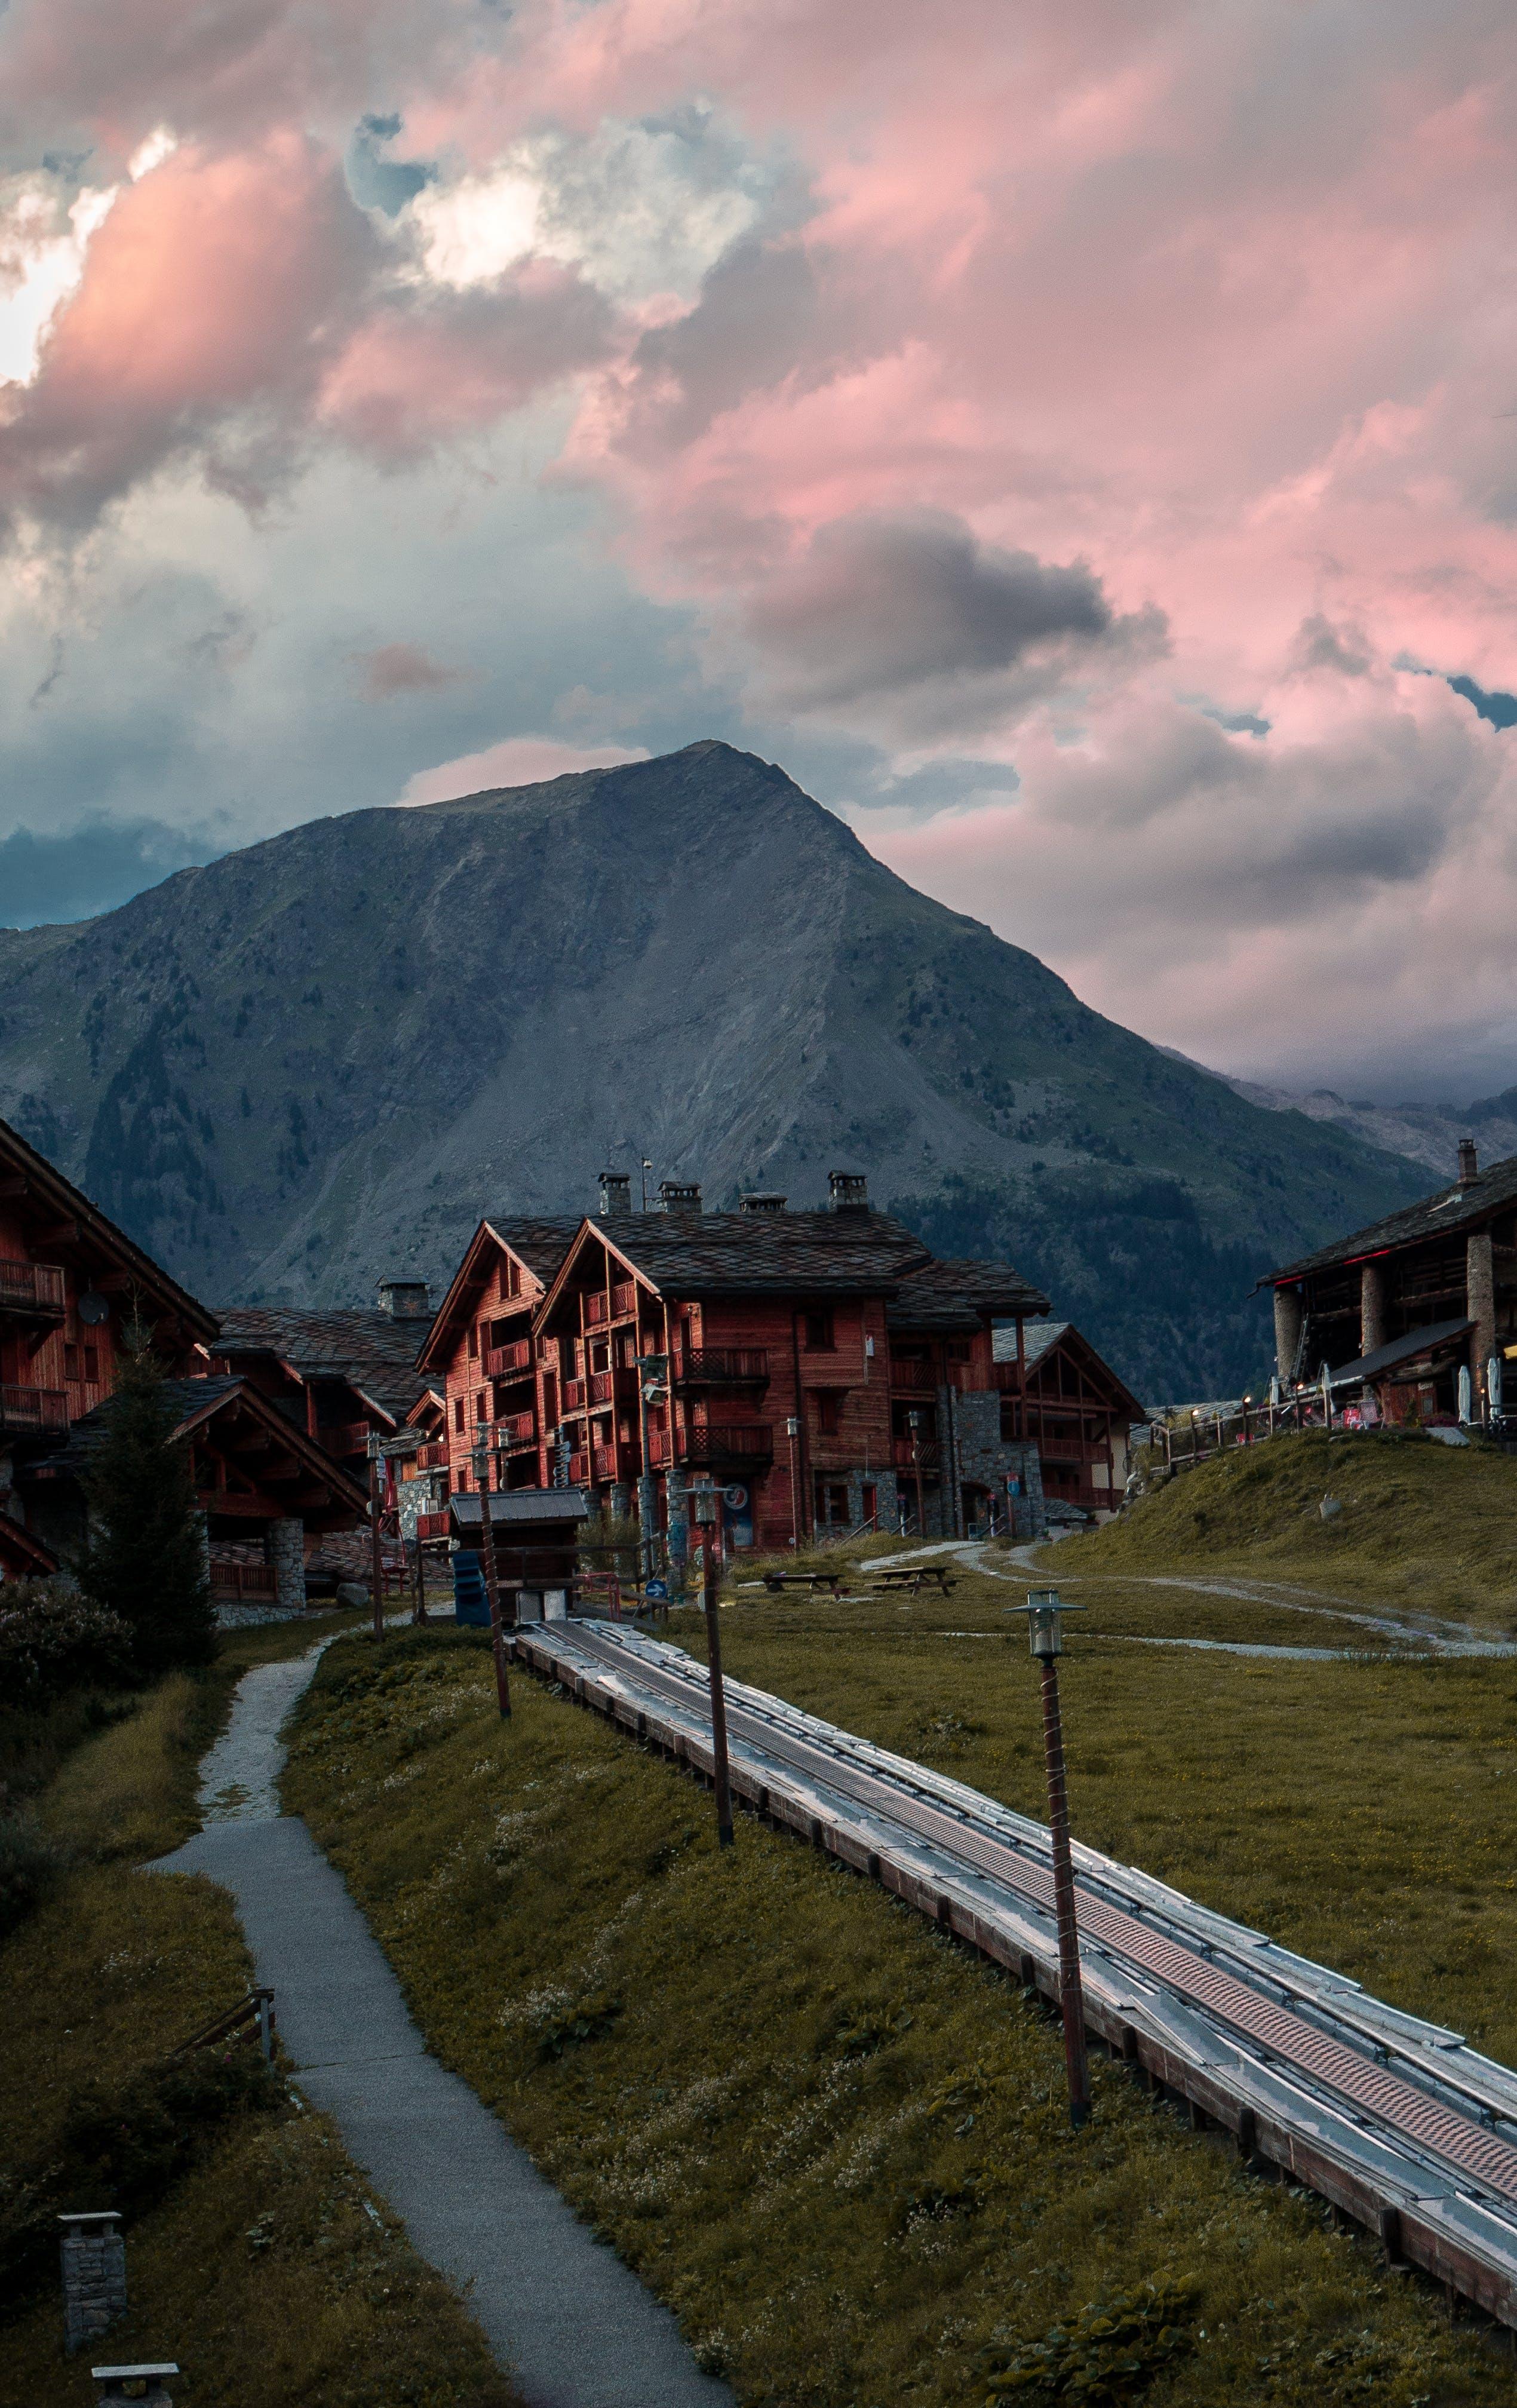 Kostnadsfri bild av bergen, dagsljus, gräs, hus